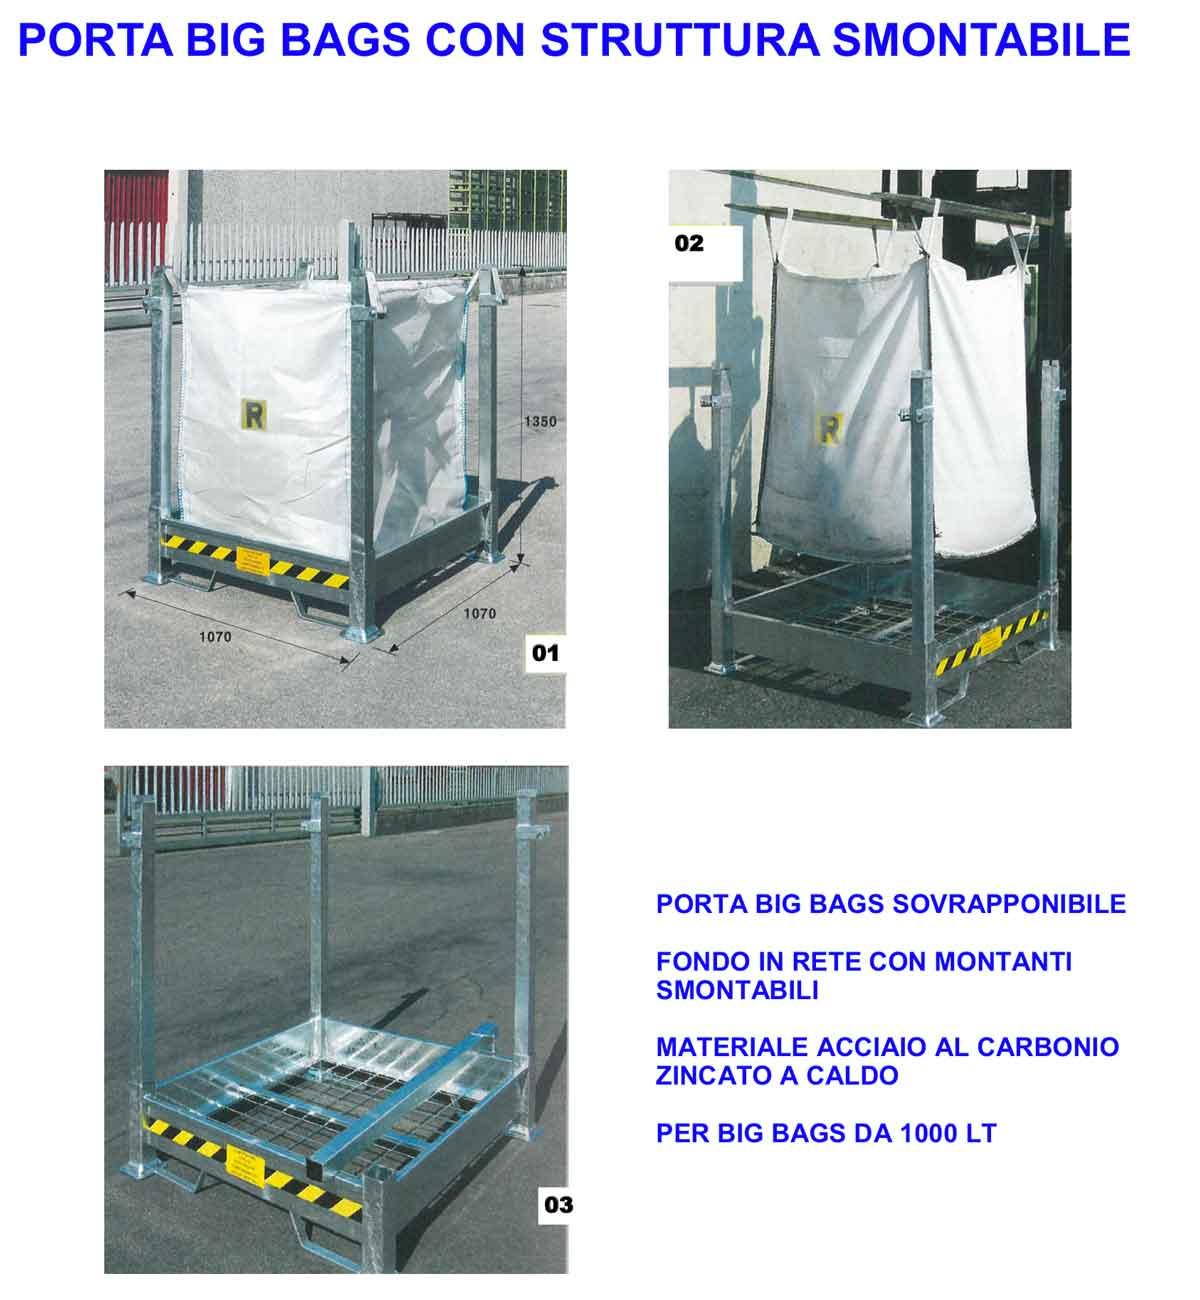 Pesaresi | Porta Big-bags struttura smontabile